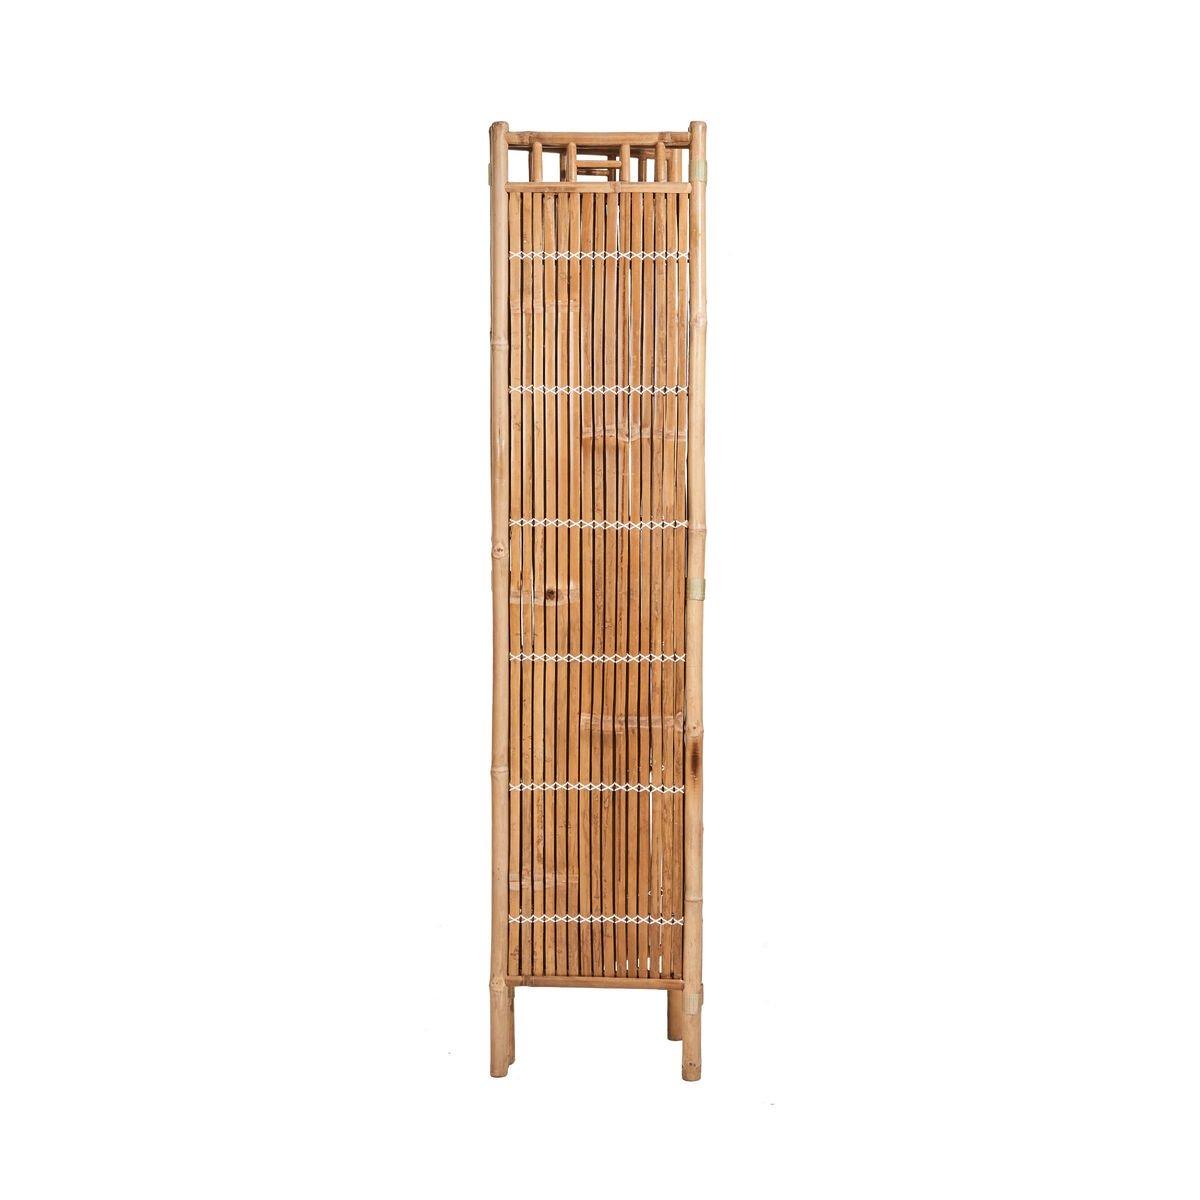 Full Size of Safari Paravent Aus Bambus 120 180 Cm Butlers Outdoor Küche Kaufen Edelstahl Garten Wohnzimmer Paravent Outdoor